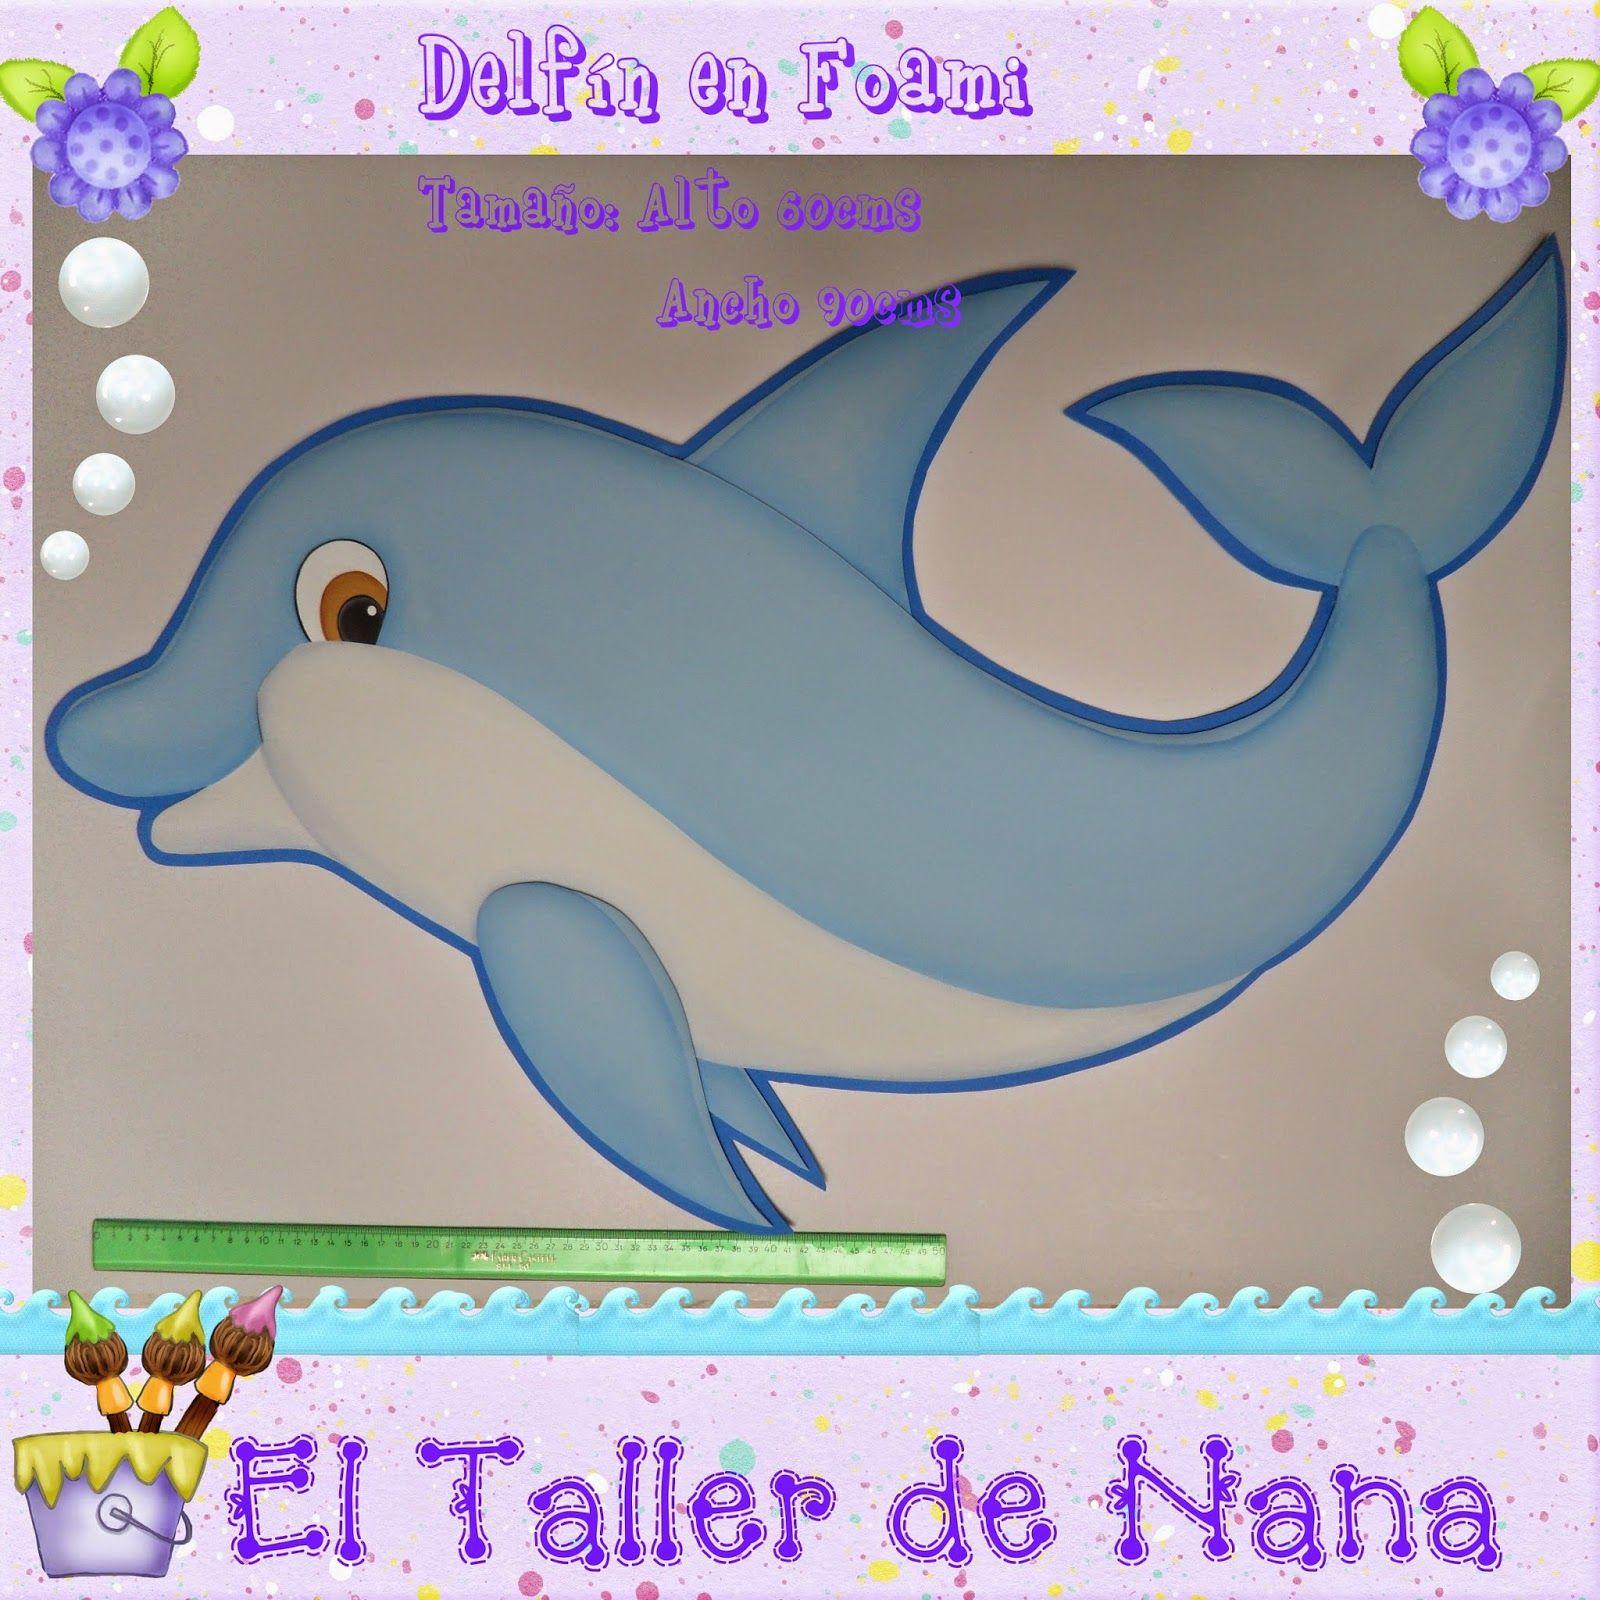 f1566902c Aplique Delfín de 60cms de Alto X 90cms de Ancho, elaborado en foami (Goma  Eva).